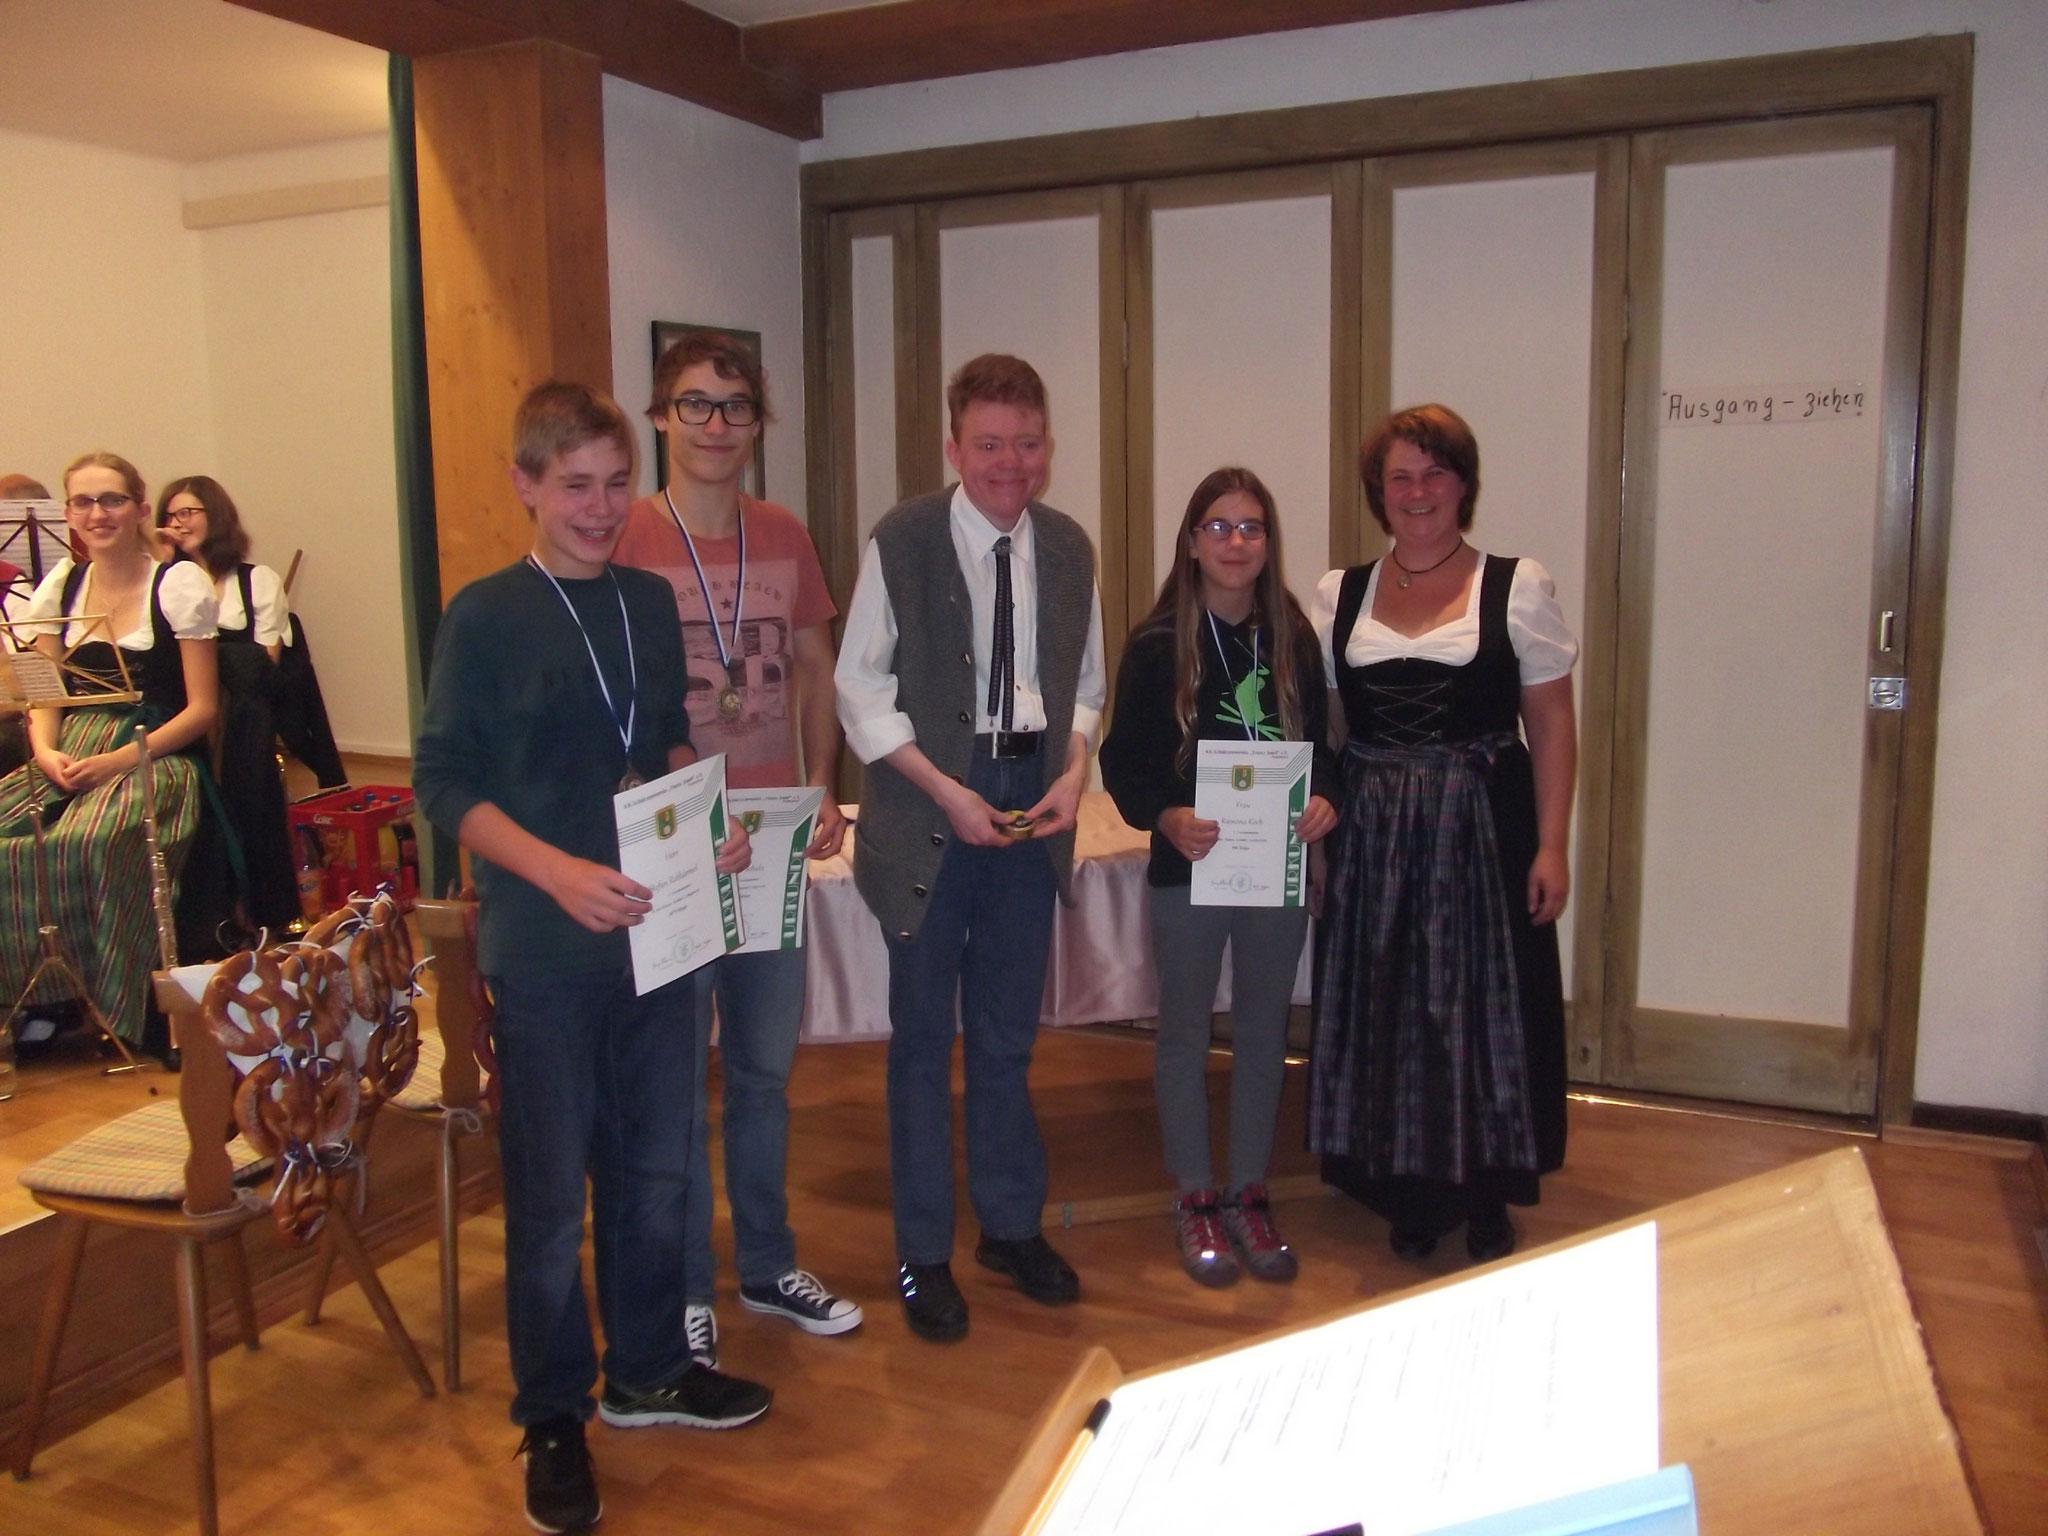 Jugendleiterin Heidi Wagner mit der Jugend bei der Preisverteilung 2016